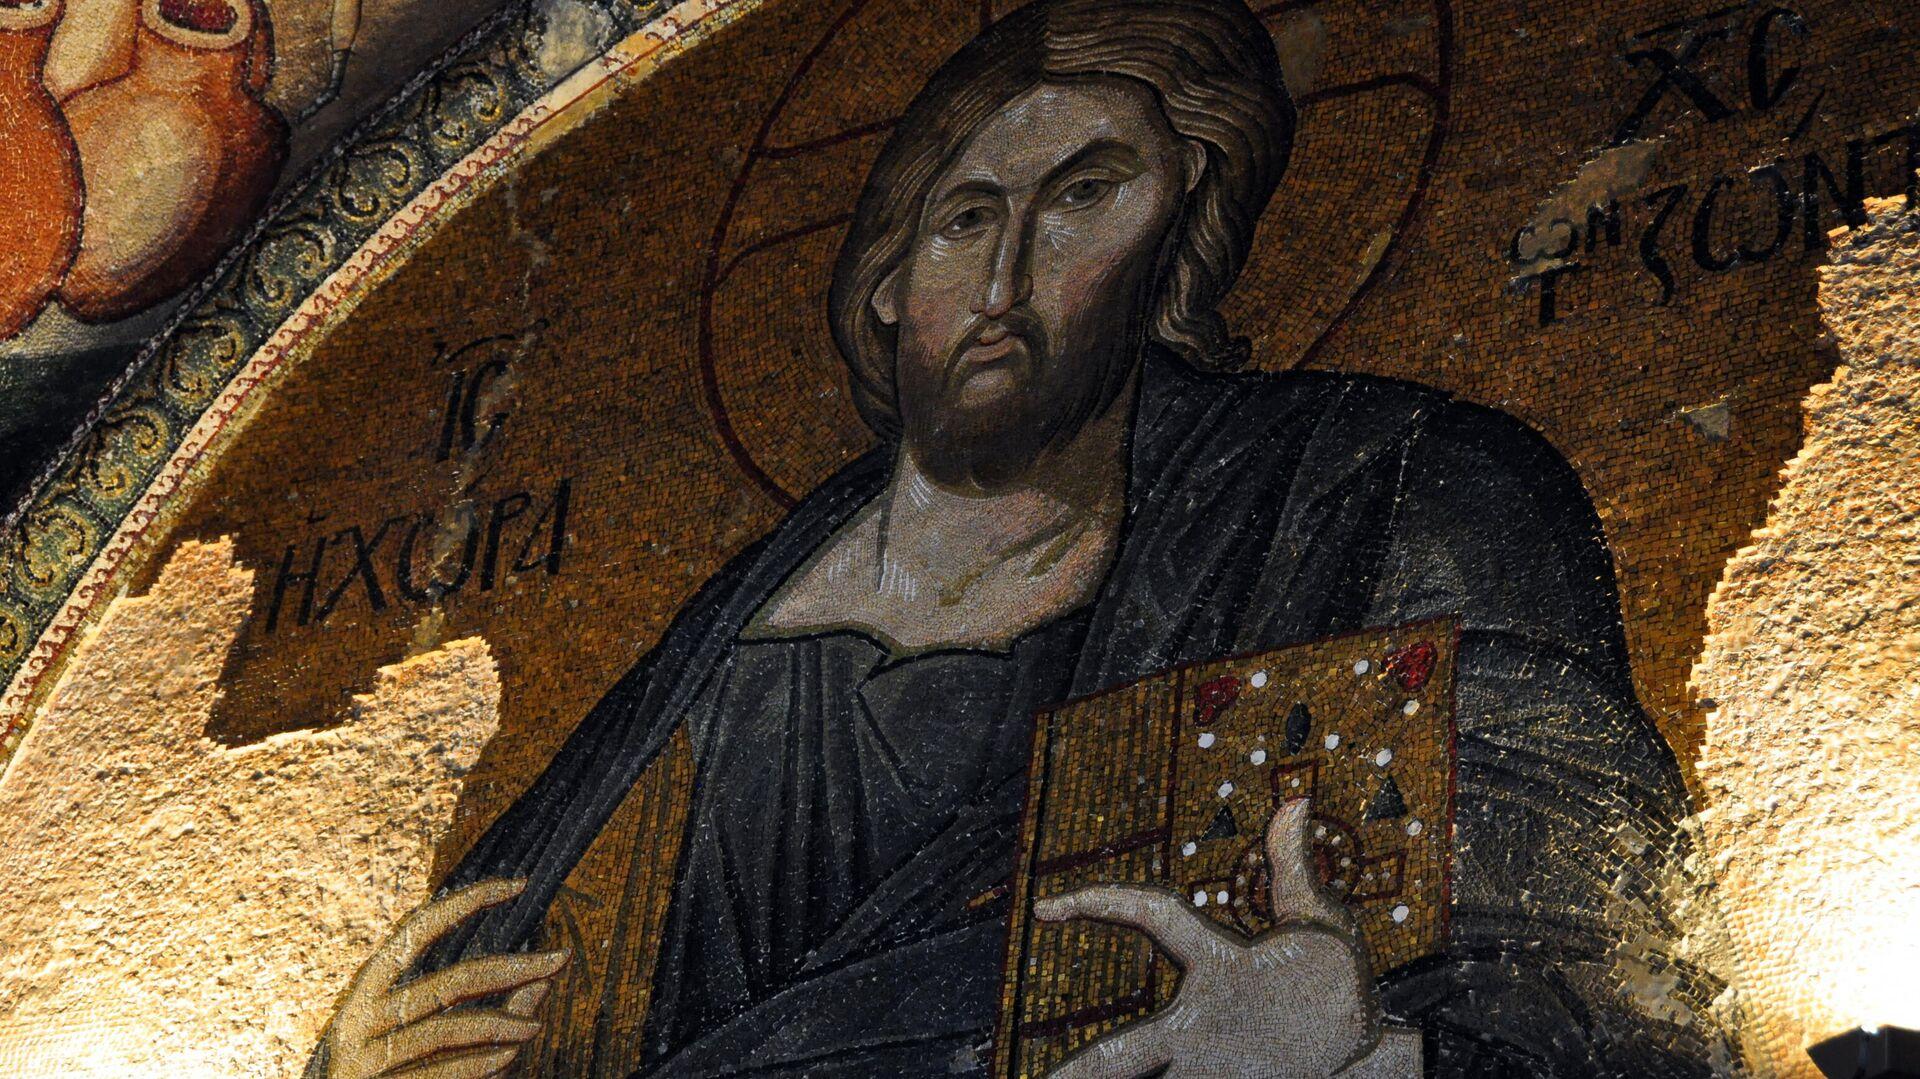 Мозаика в соборе Святой Софии в Стамбуле - РИА Новости, 1920, 24.02.2021